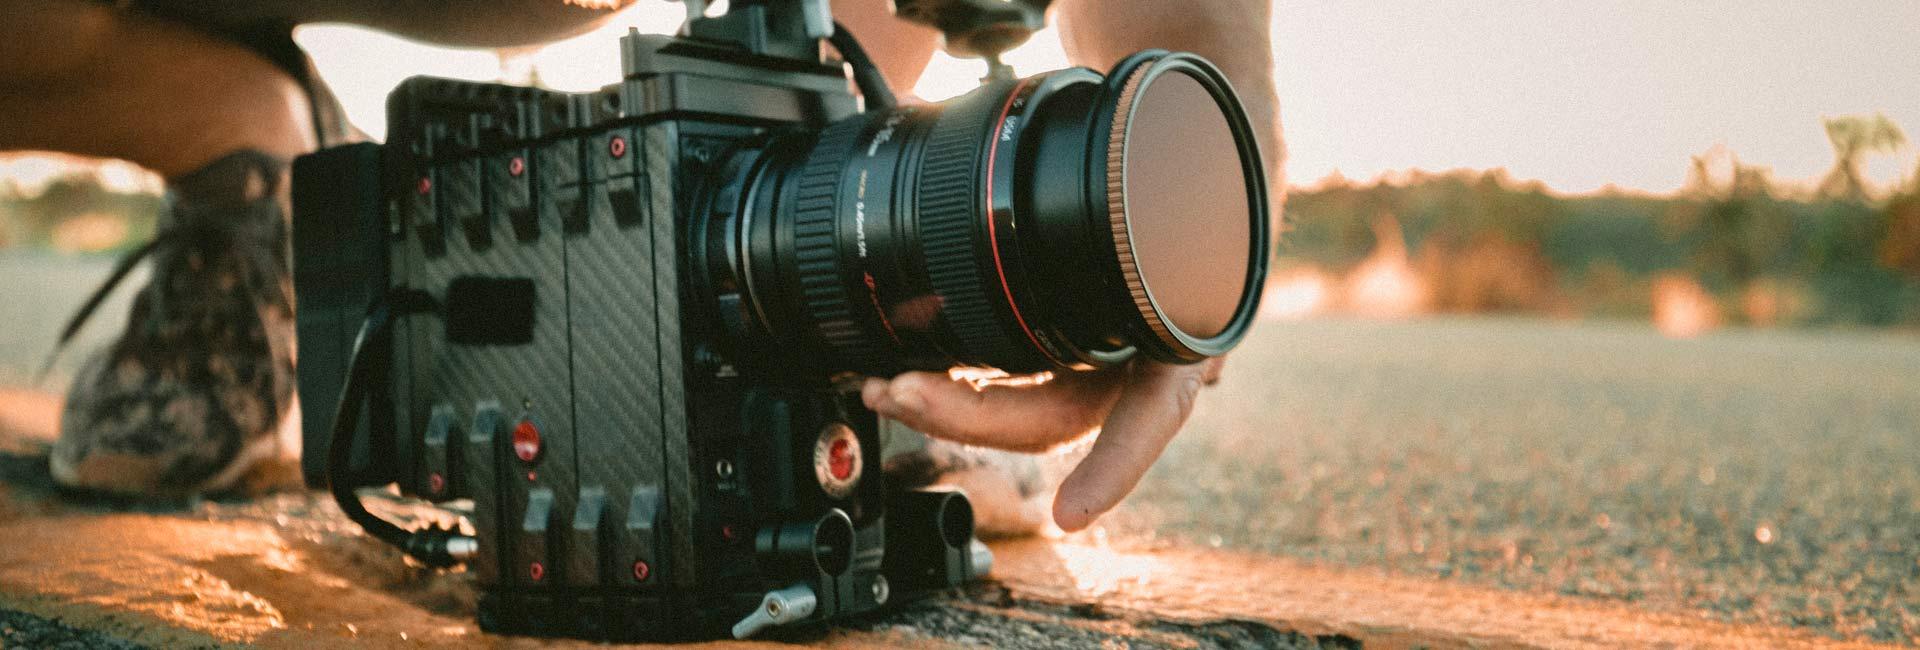 cámara profesional de grabación de videos en el suelo